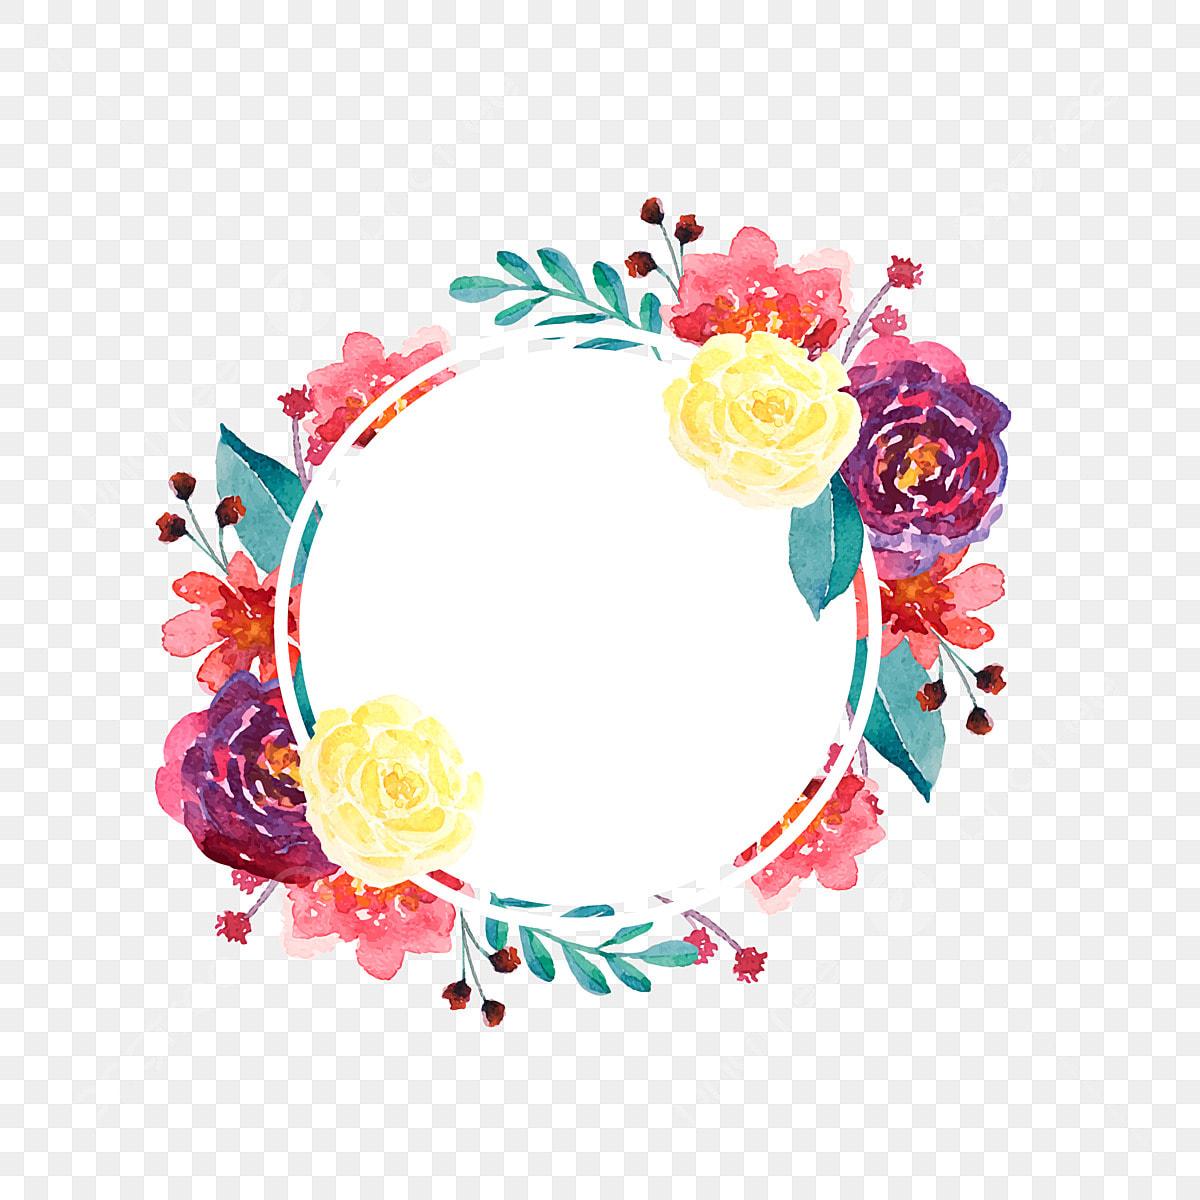 Gambar Li Qiu Bunga Musim Luruh Bunga Hiasan Bunga Bunga Sempadan Hiasan Yang Png Dan Vektor Untuk Muat Turun Percuma